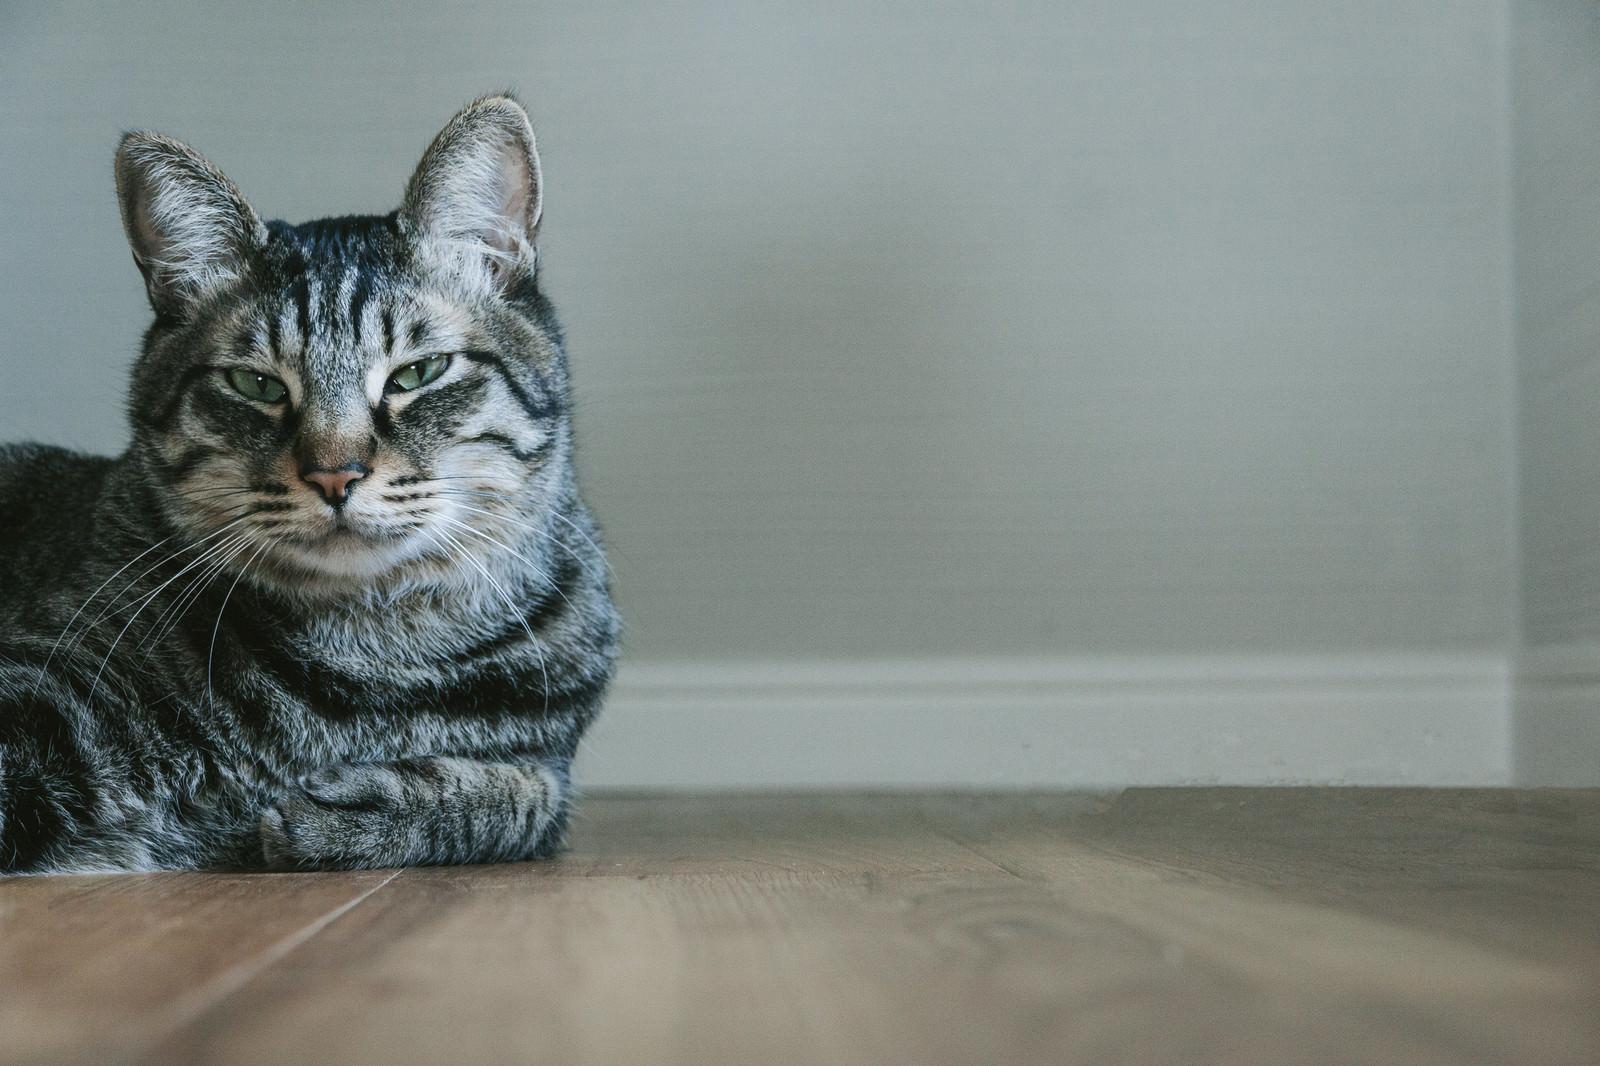 「お前それ猫にも同じこと言えんの?お前それ猫にも同じこと言えんの?」のフリー写真素材を拡大